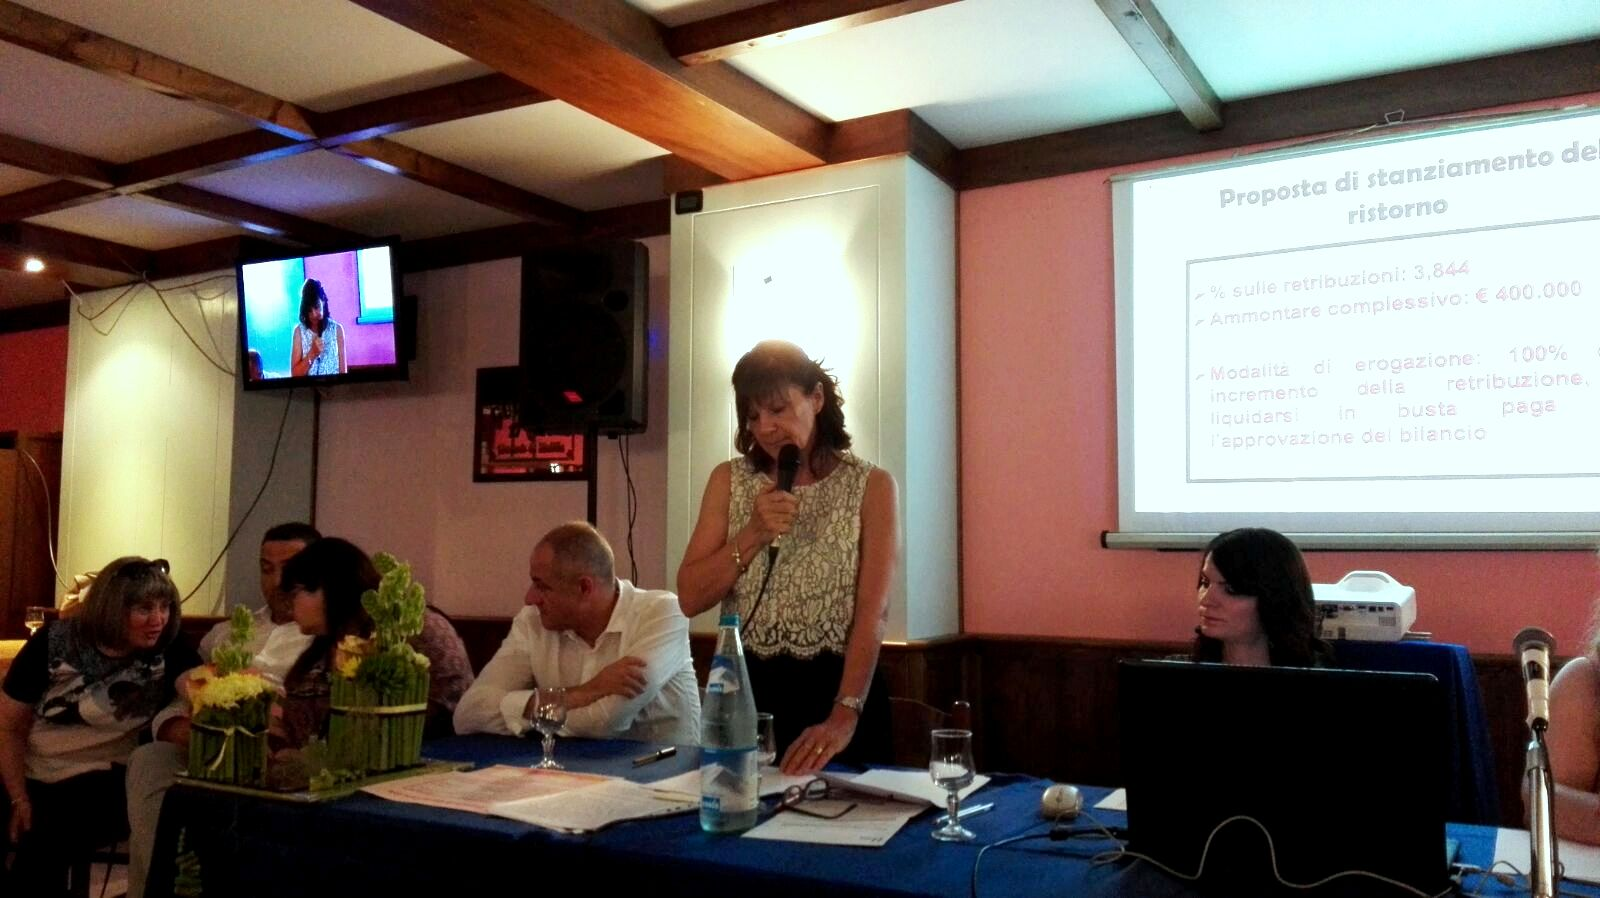 Assemblea di bilancio Cidas: l'ultimo discorso da presidente di Patrizia Bertelli